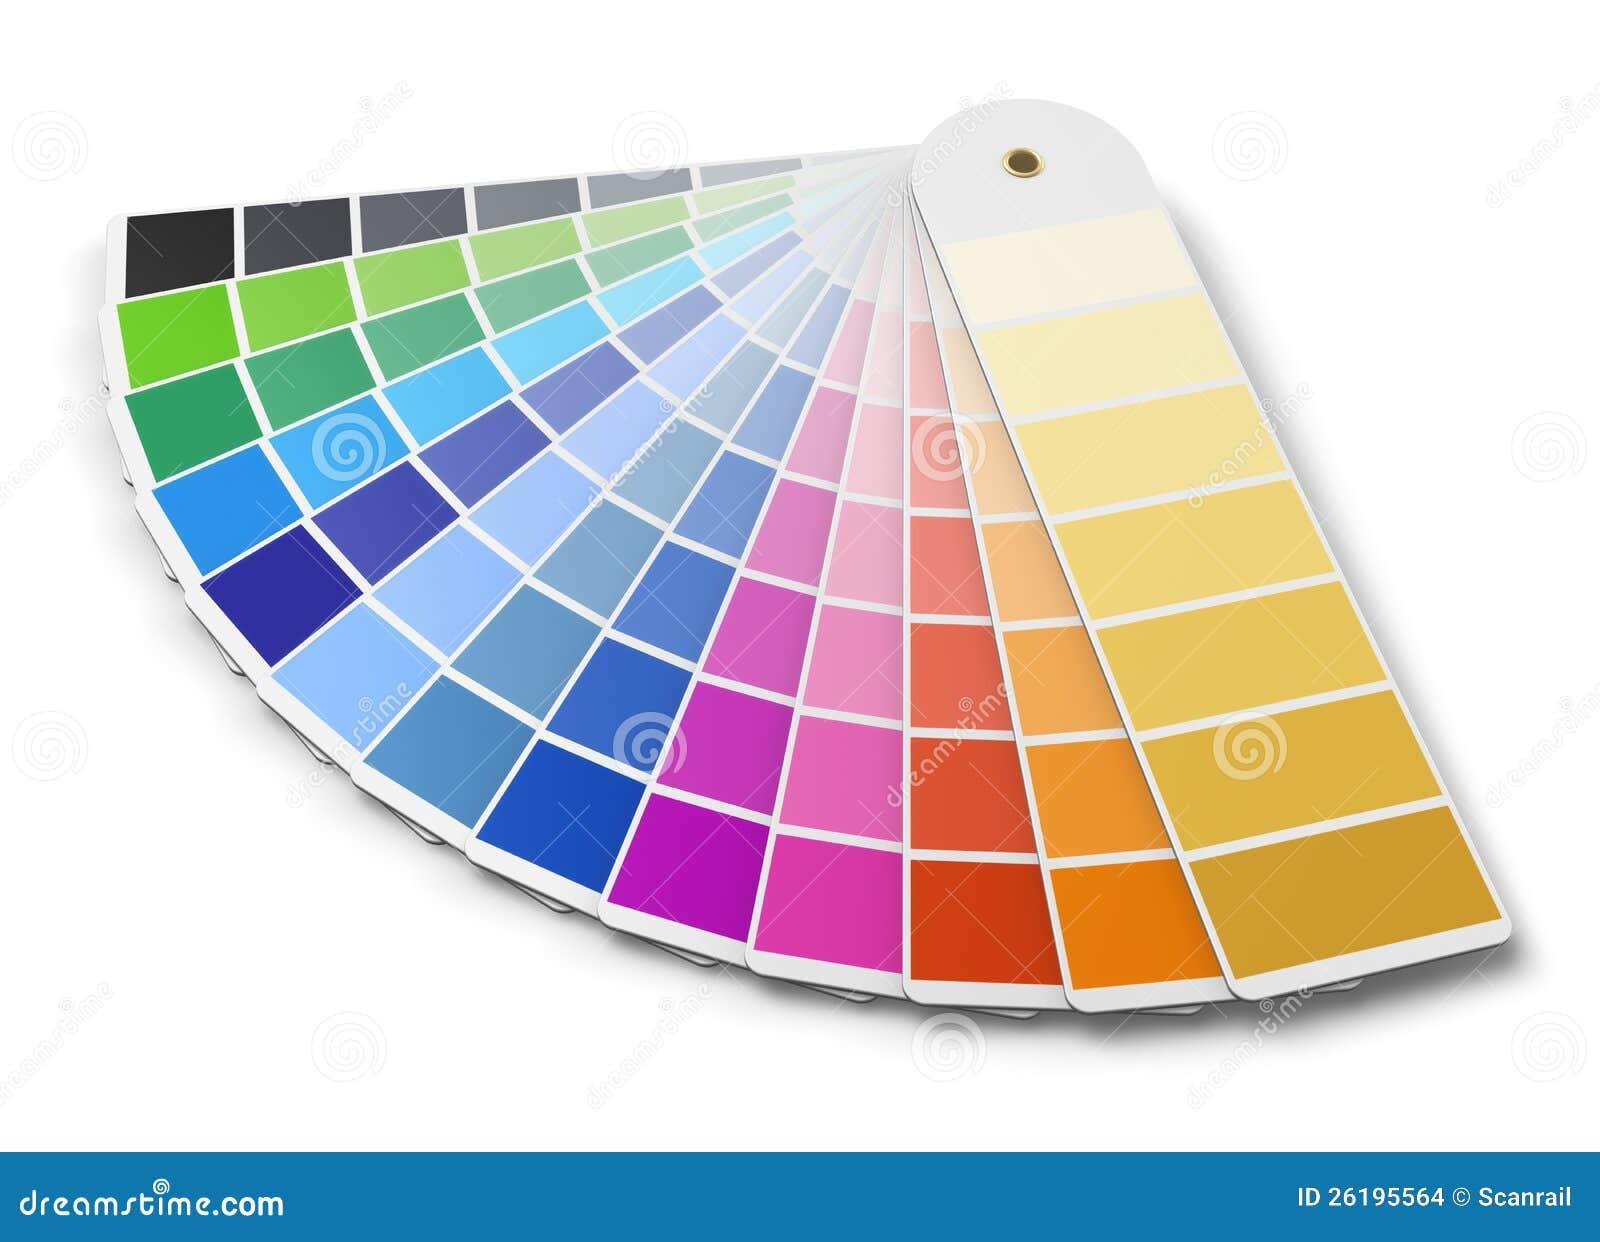 De gids van het de kleurenpalet van Pantone